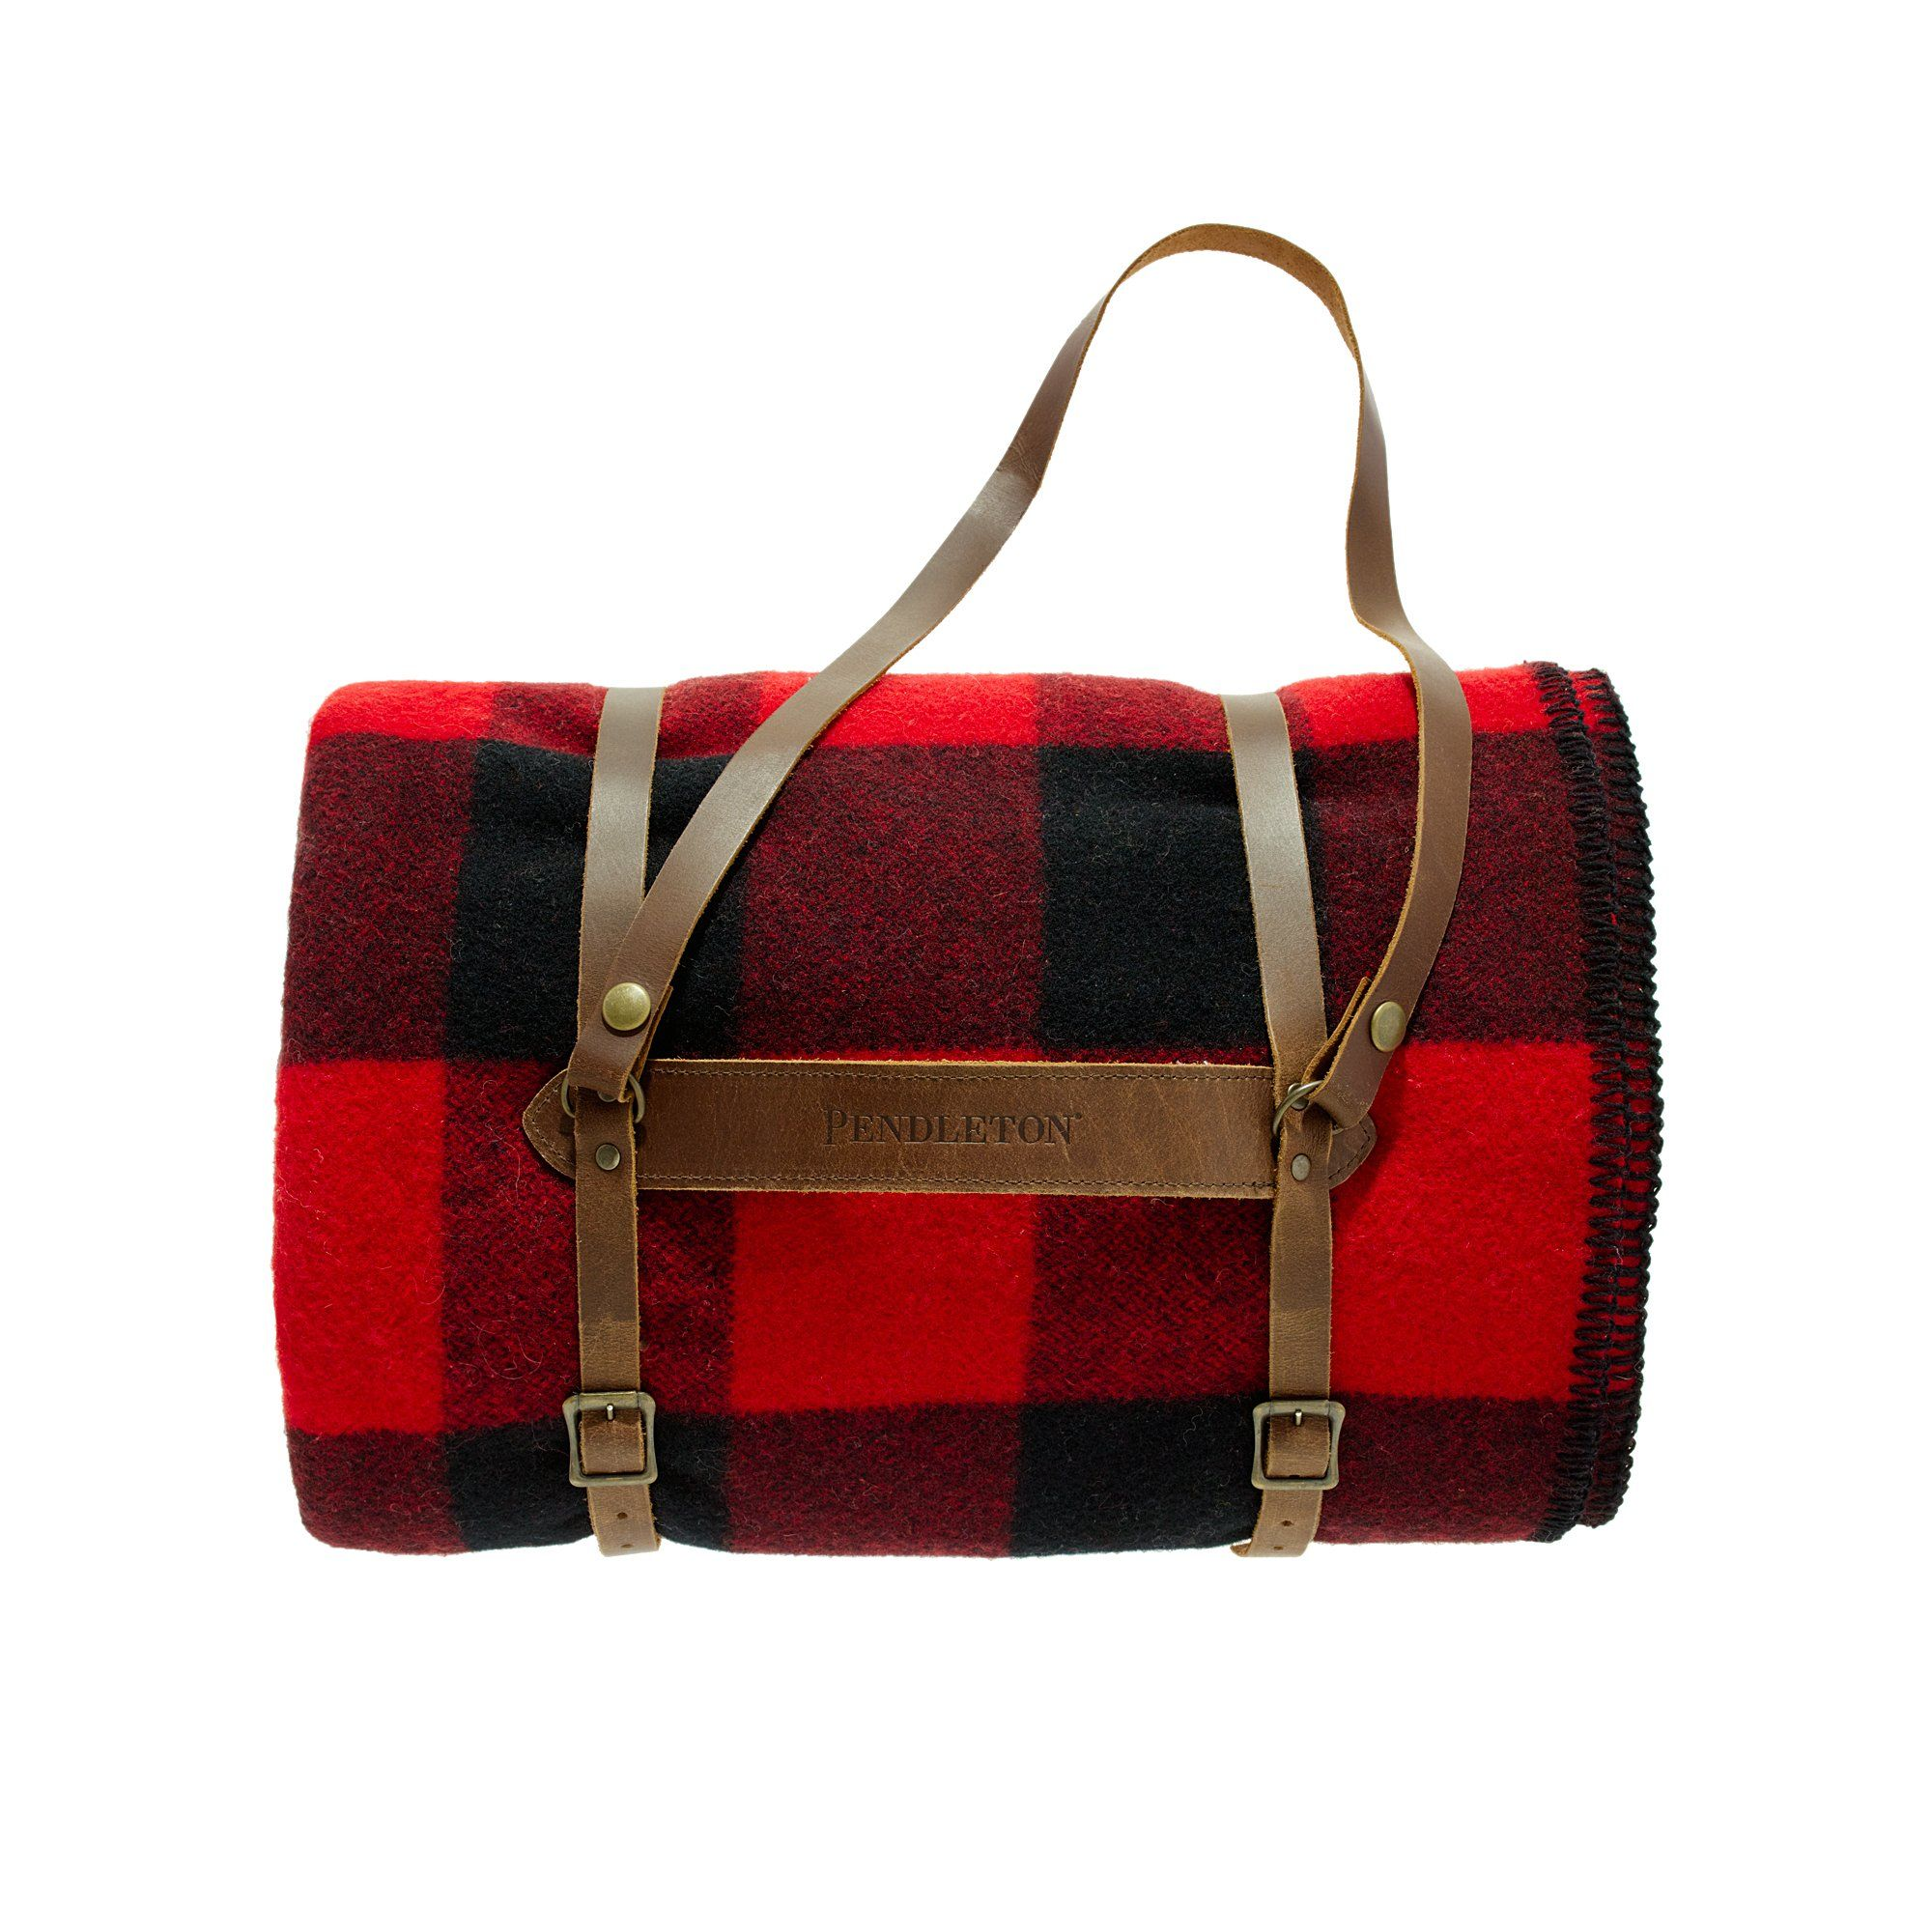 Pendleton Lumberman Blanket in Red (red buffalo plaid)  848c15338aff9